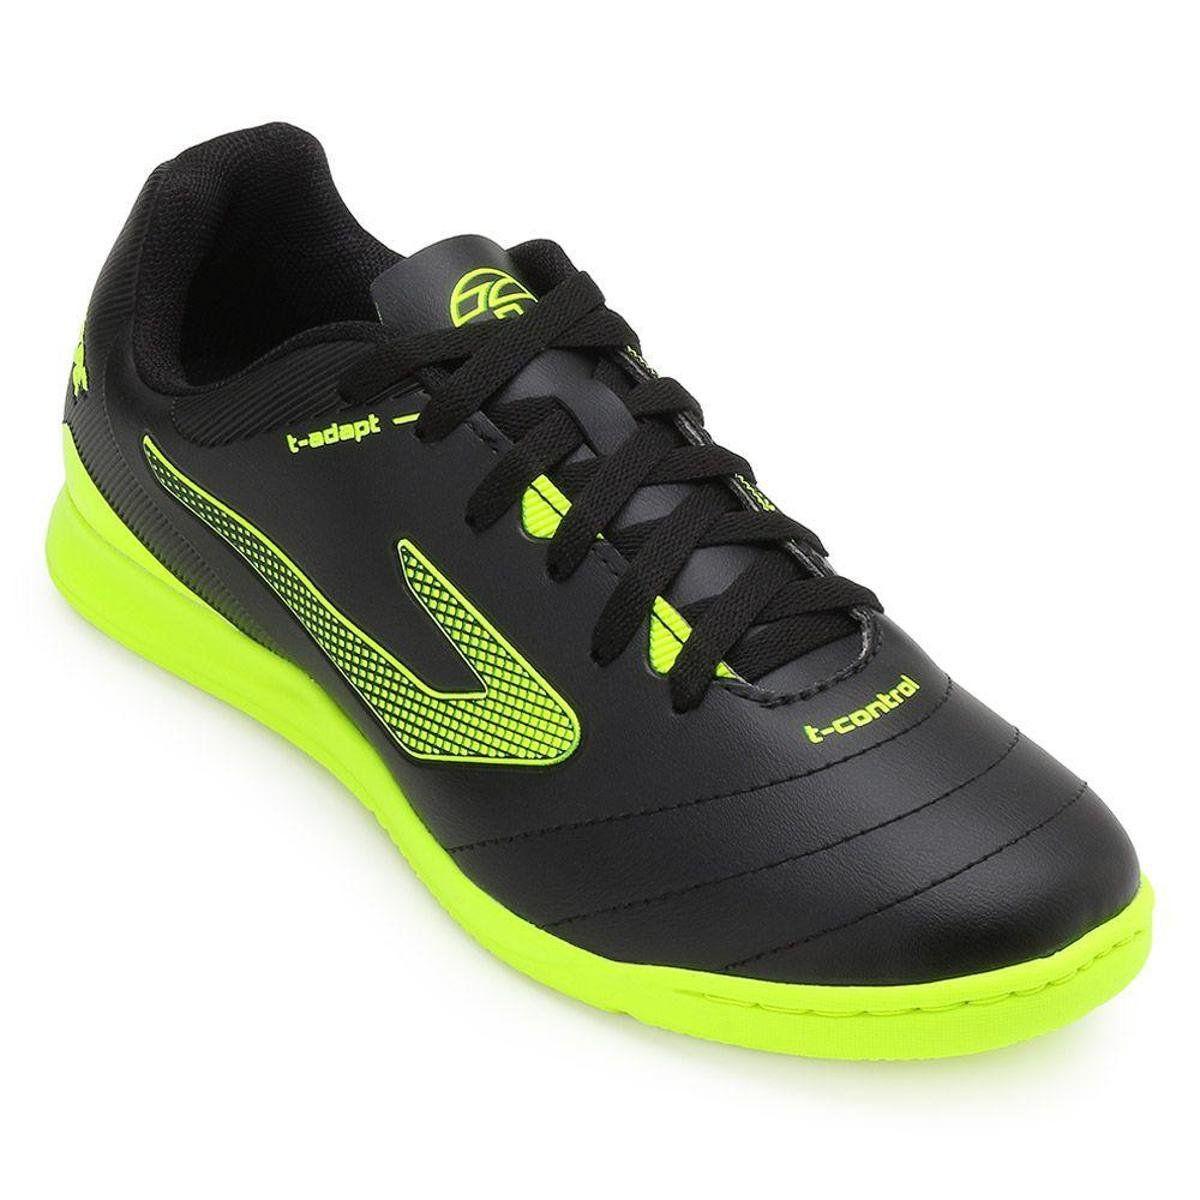 Chuteira Topper Futsal - 4203483522